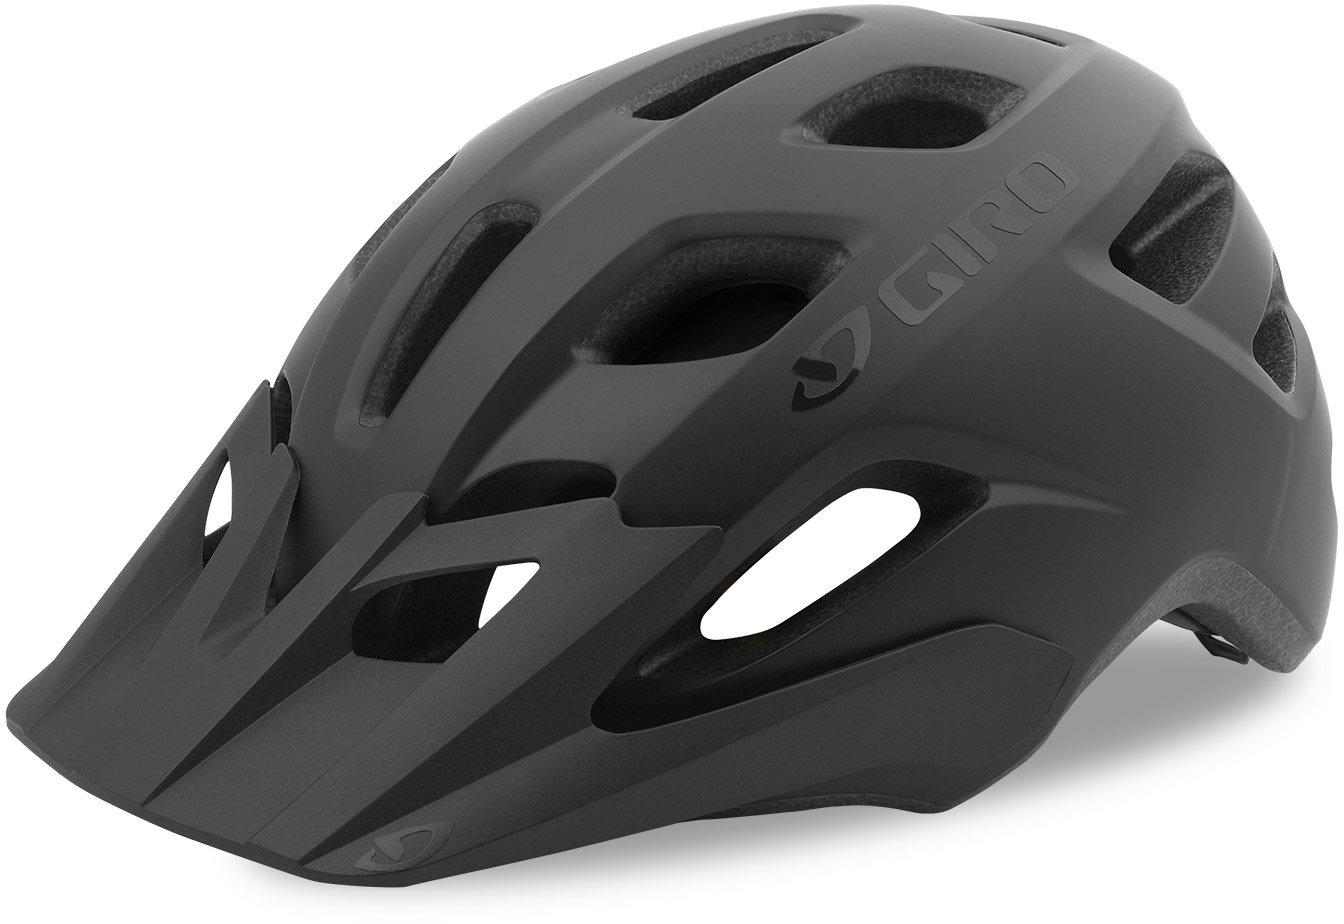 Kask rowerowy Giro Compound (58-65 cm wersja XL modelu Fixture)